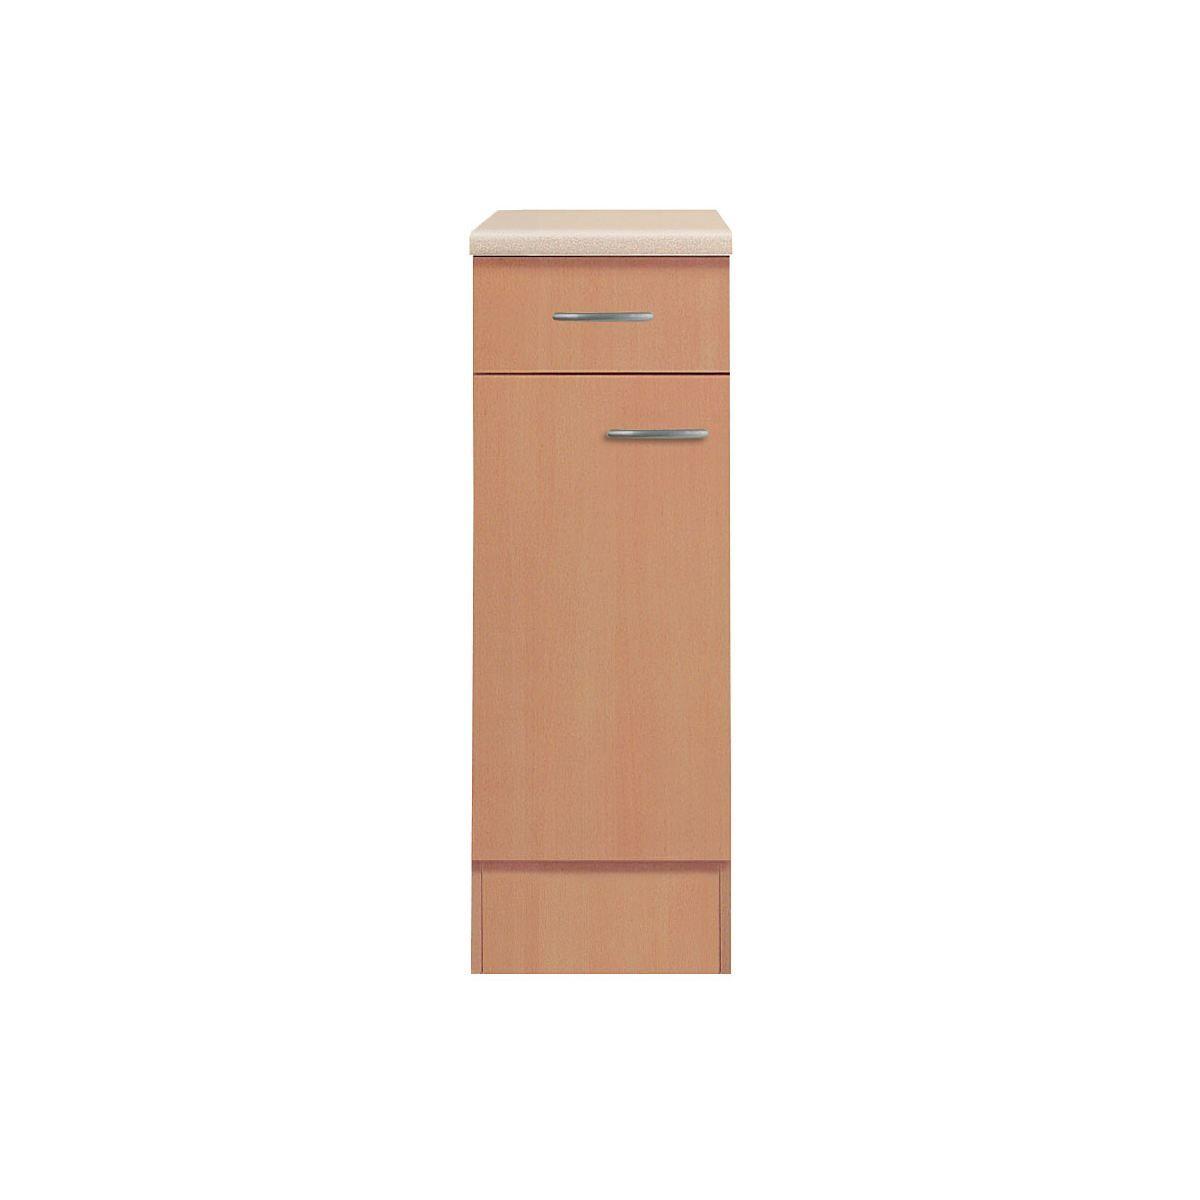 Full Size of Möbel Boss Schrank Unterschrank 30 Cm Breit Küchenmöbel Küche Inspirierend Küche Unterschrank Küche